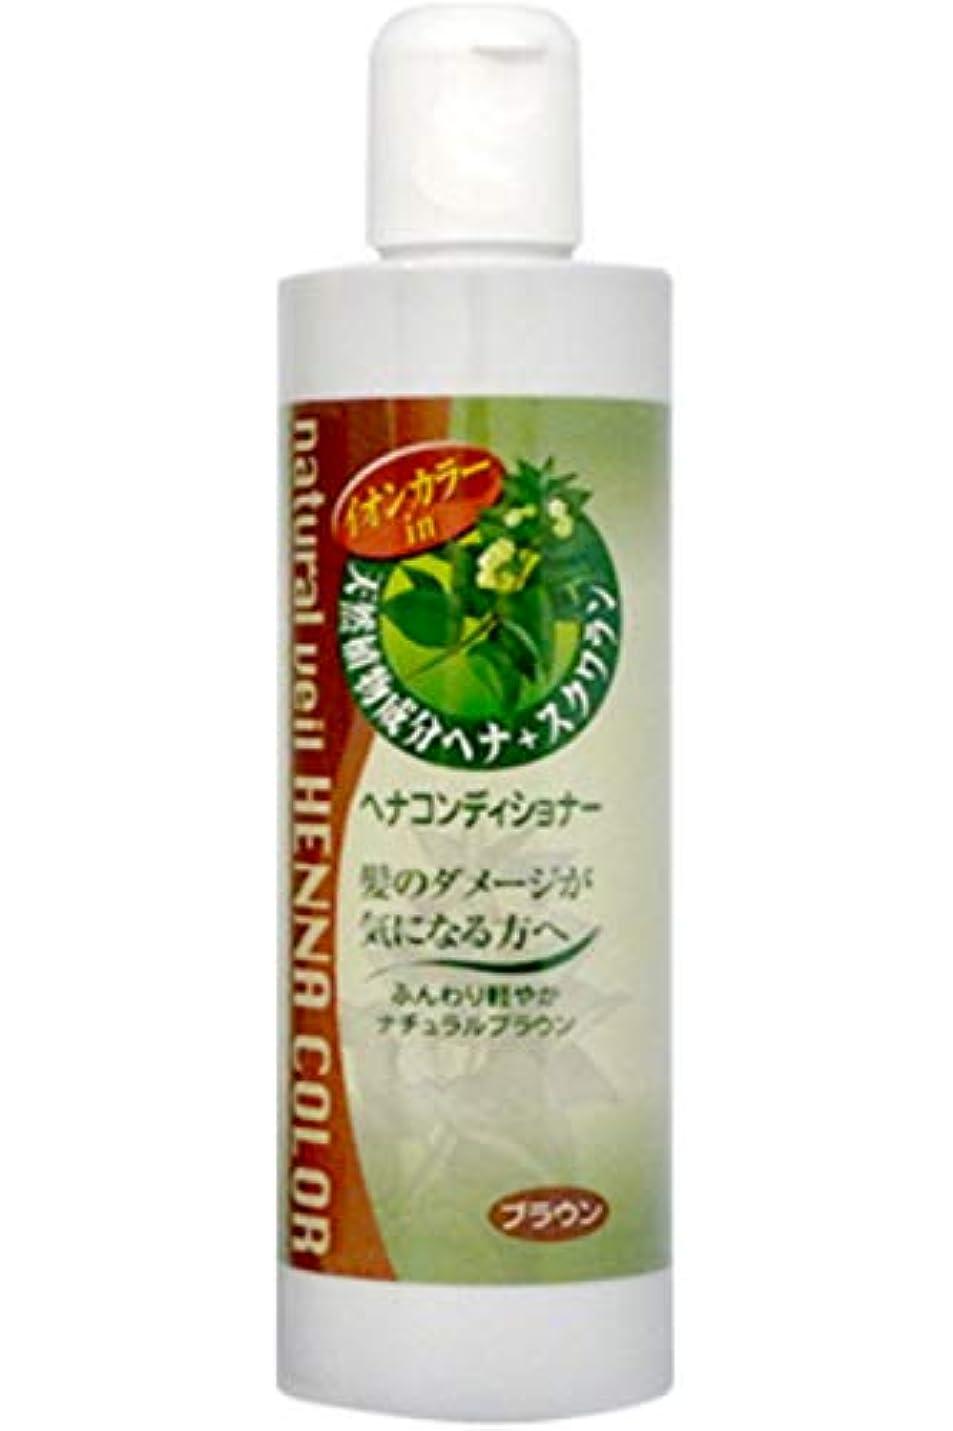 花に水をやる妥協シンポジウムヘナ コンディショナー1本300ml【ブラウン】 洗い流すたびに少しずつムラなく髪が染まる 時間をおく必要なし 洗い流すだけ ヘアカラー 白髪 染め 日本製 Ho-90257